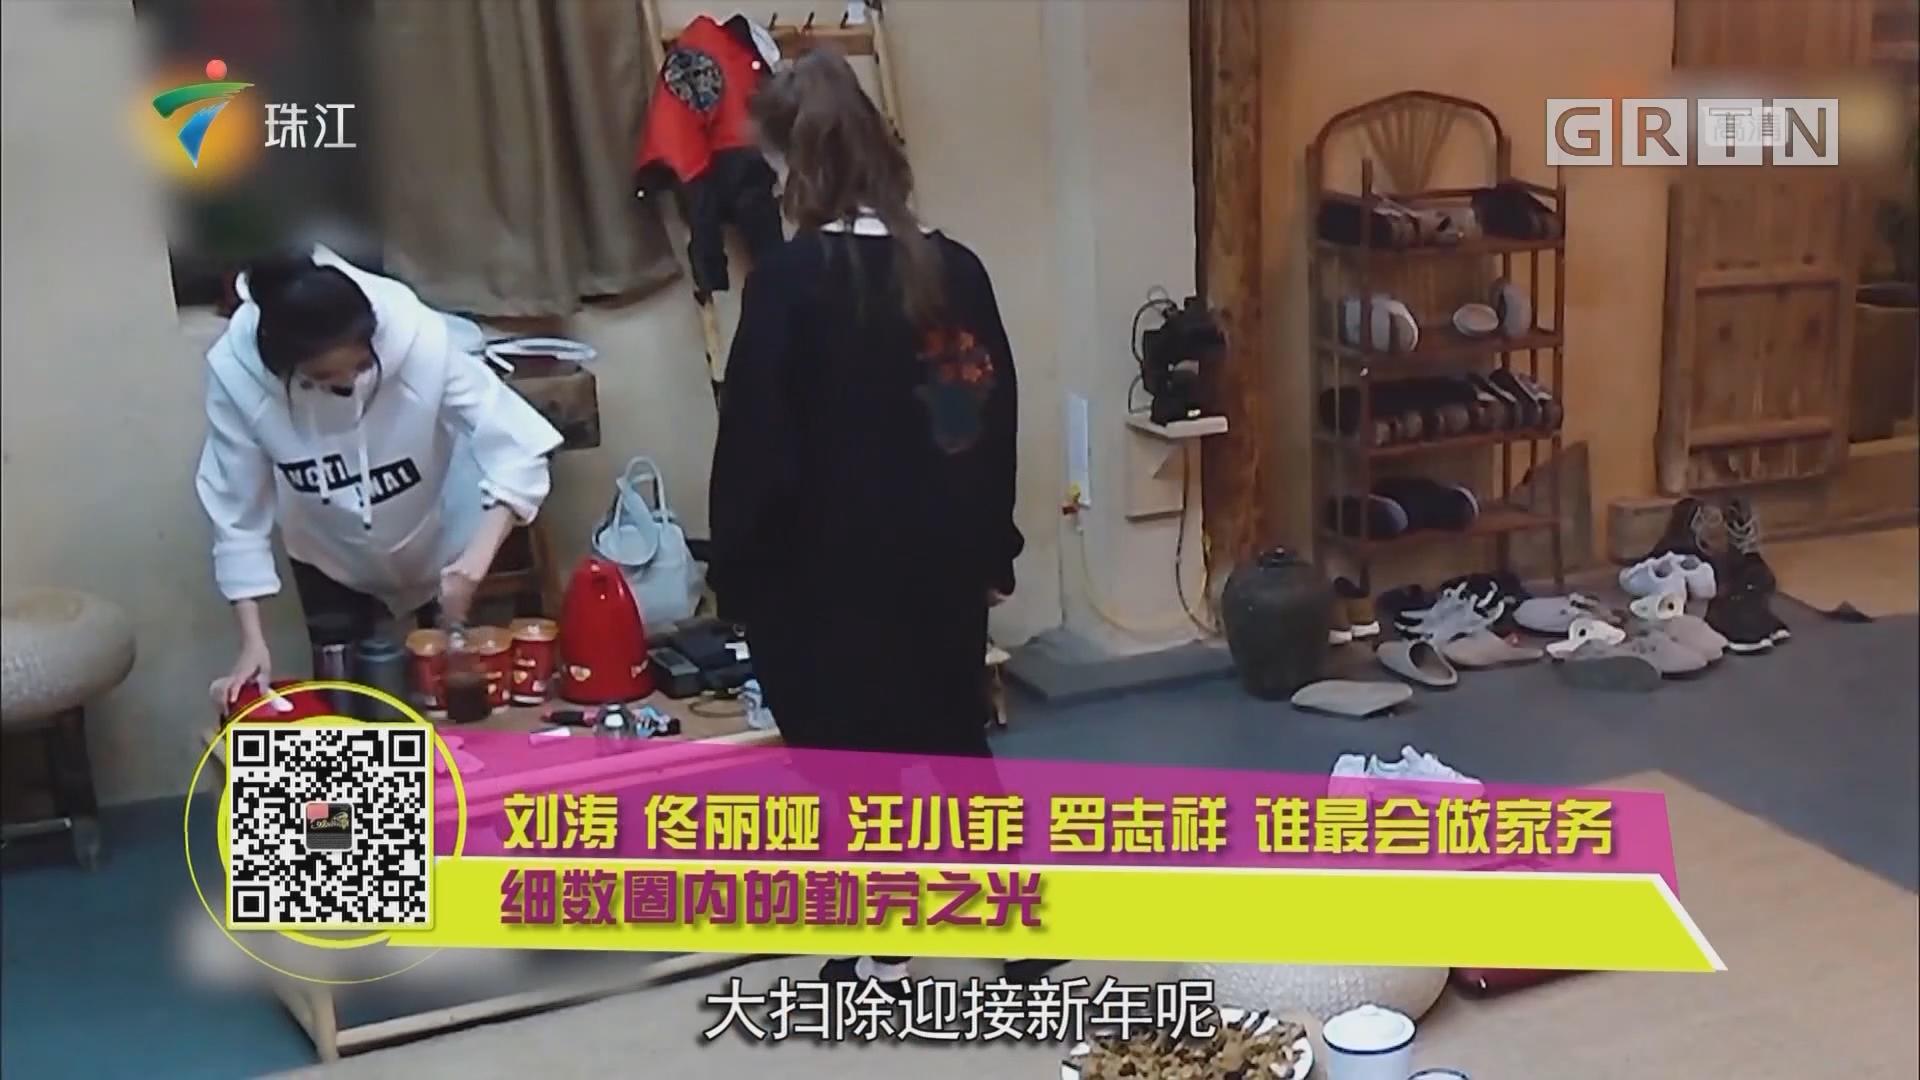 刘涛 佟丽娅 汪小菲 罗志祥 谁最会做家务 细数圈内的勤劳之光